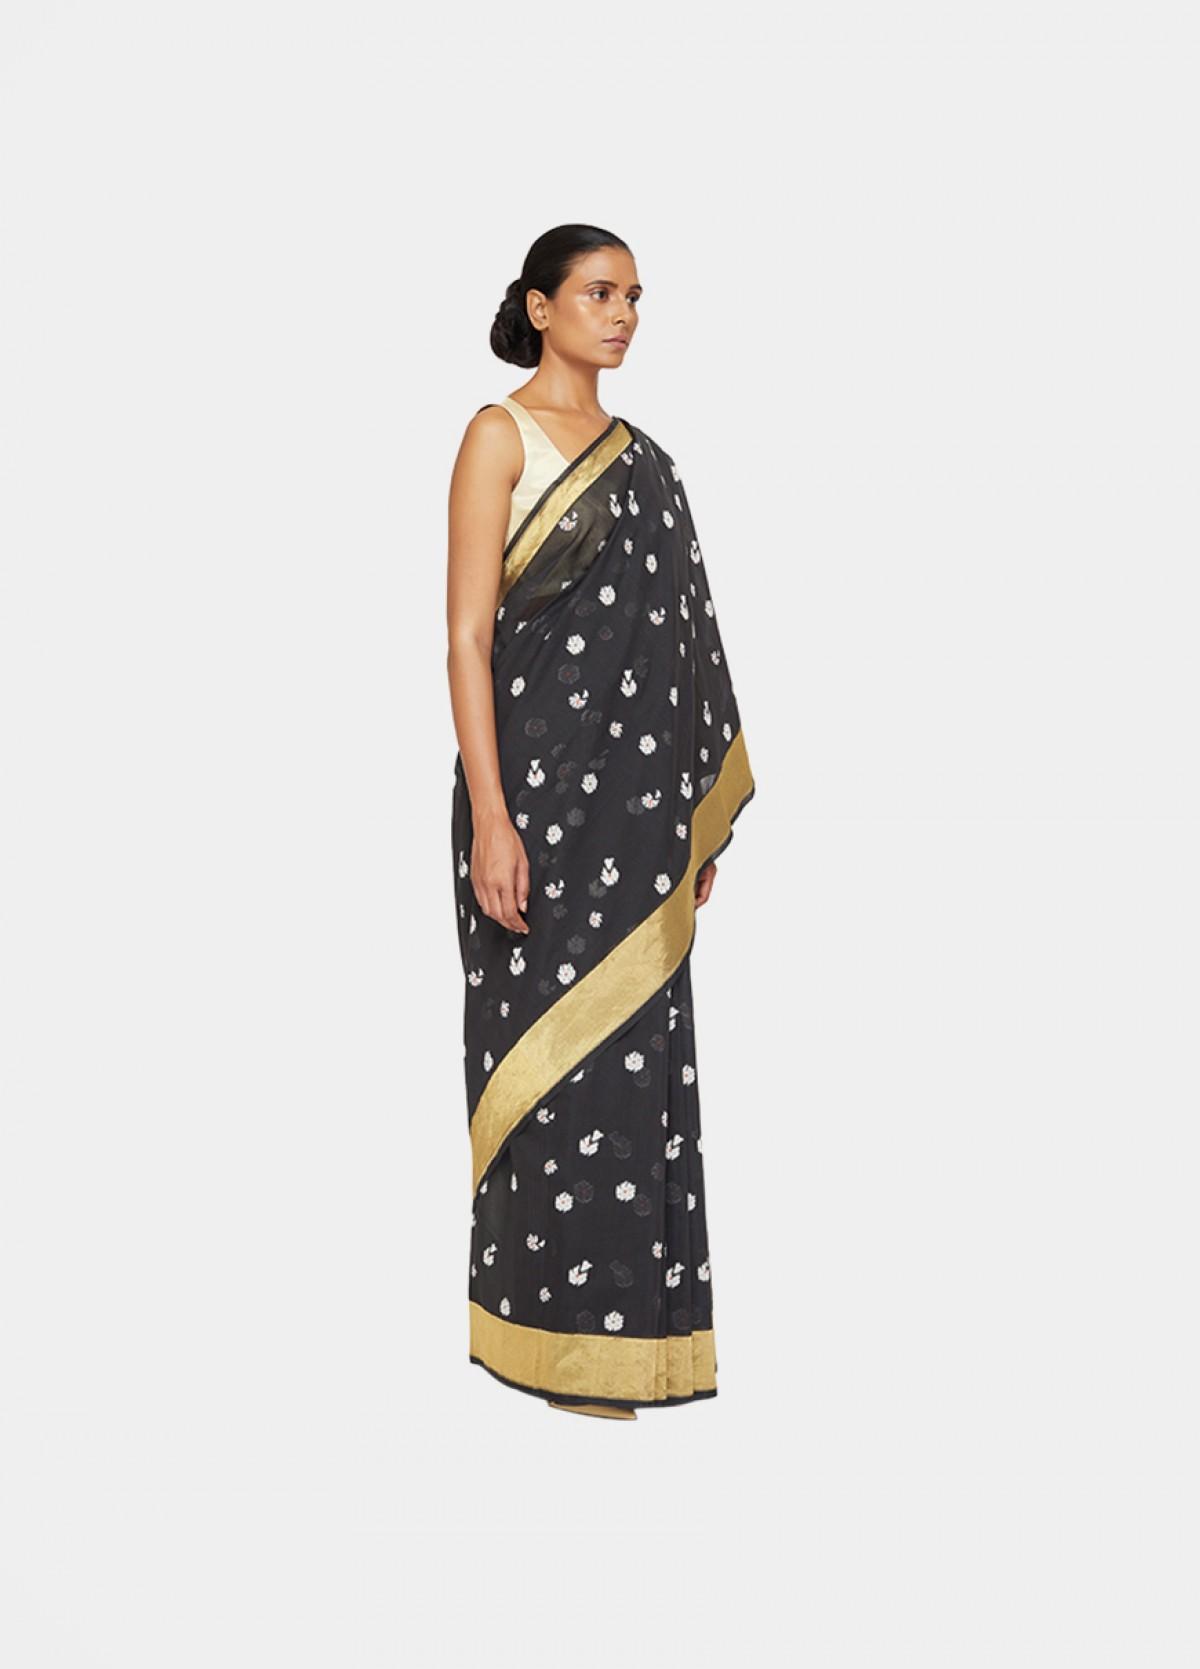 The Orai Sari